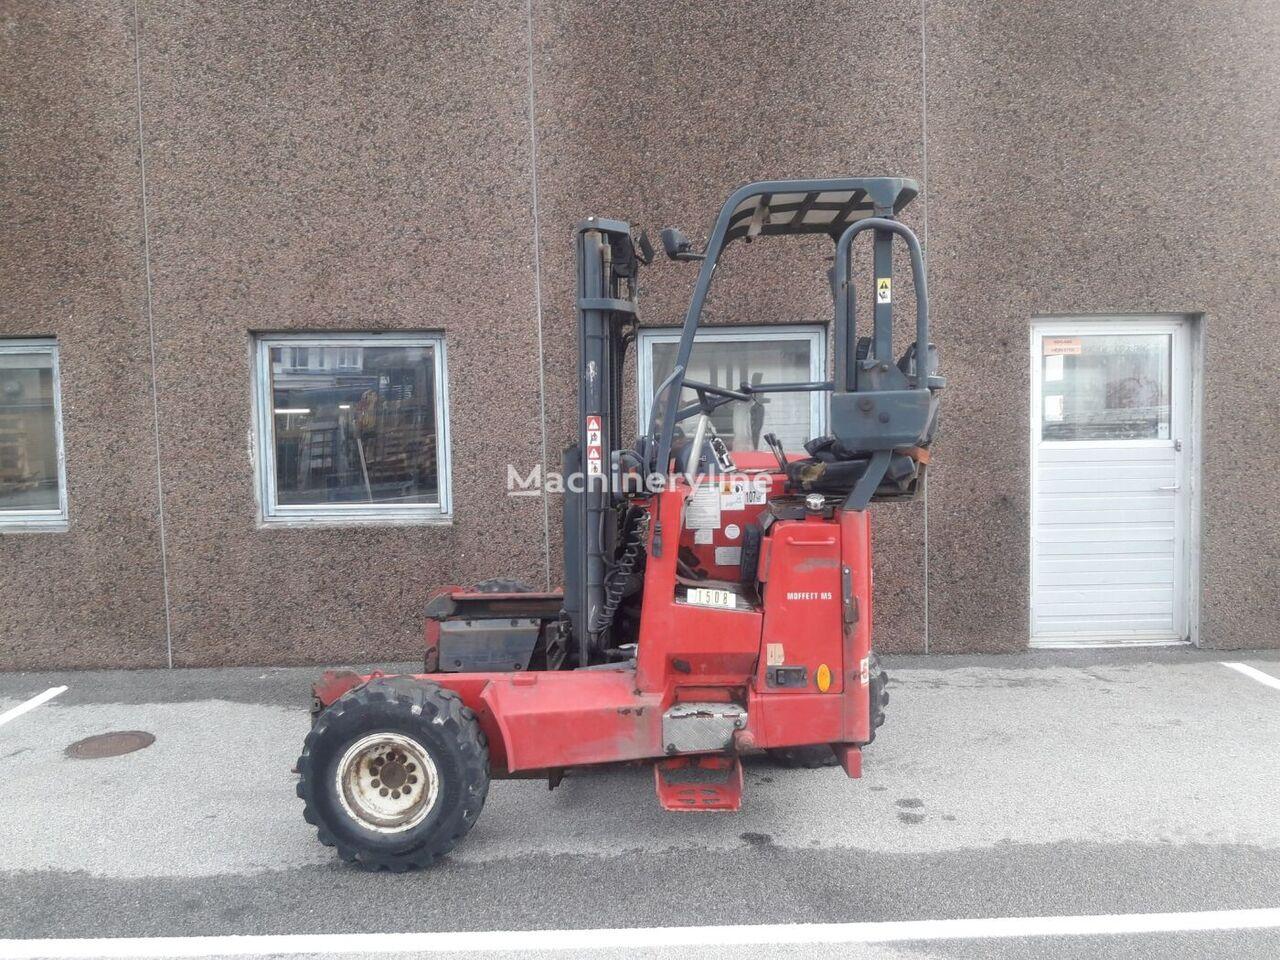 vysokozdvižný vozík montovaný na vozidlá MOFFETT M5 25.3